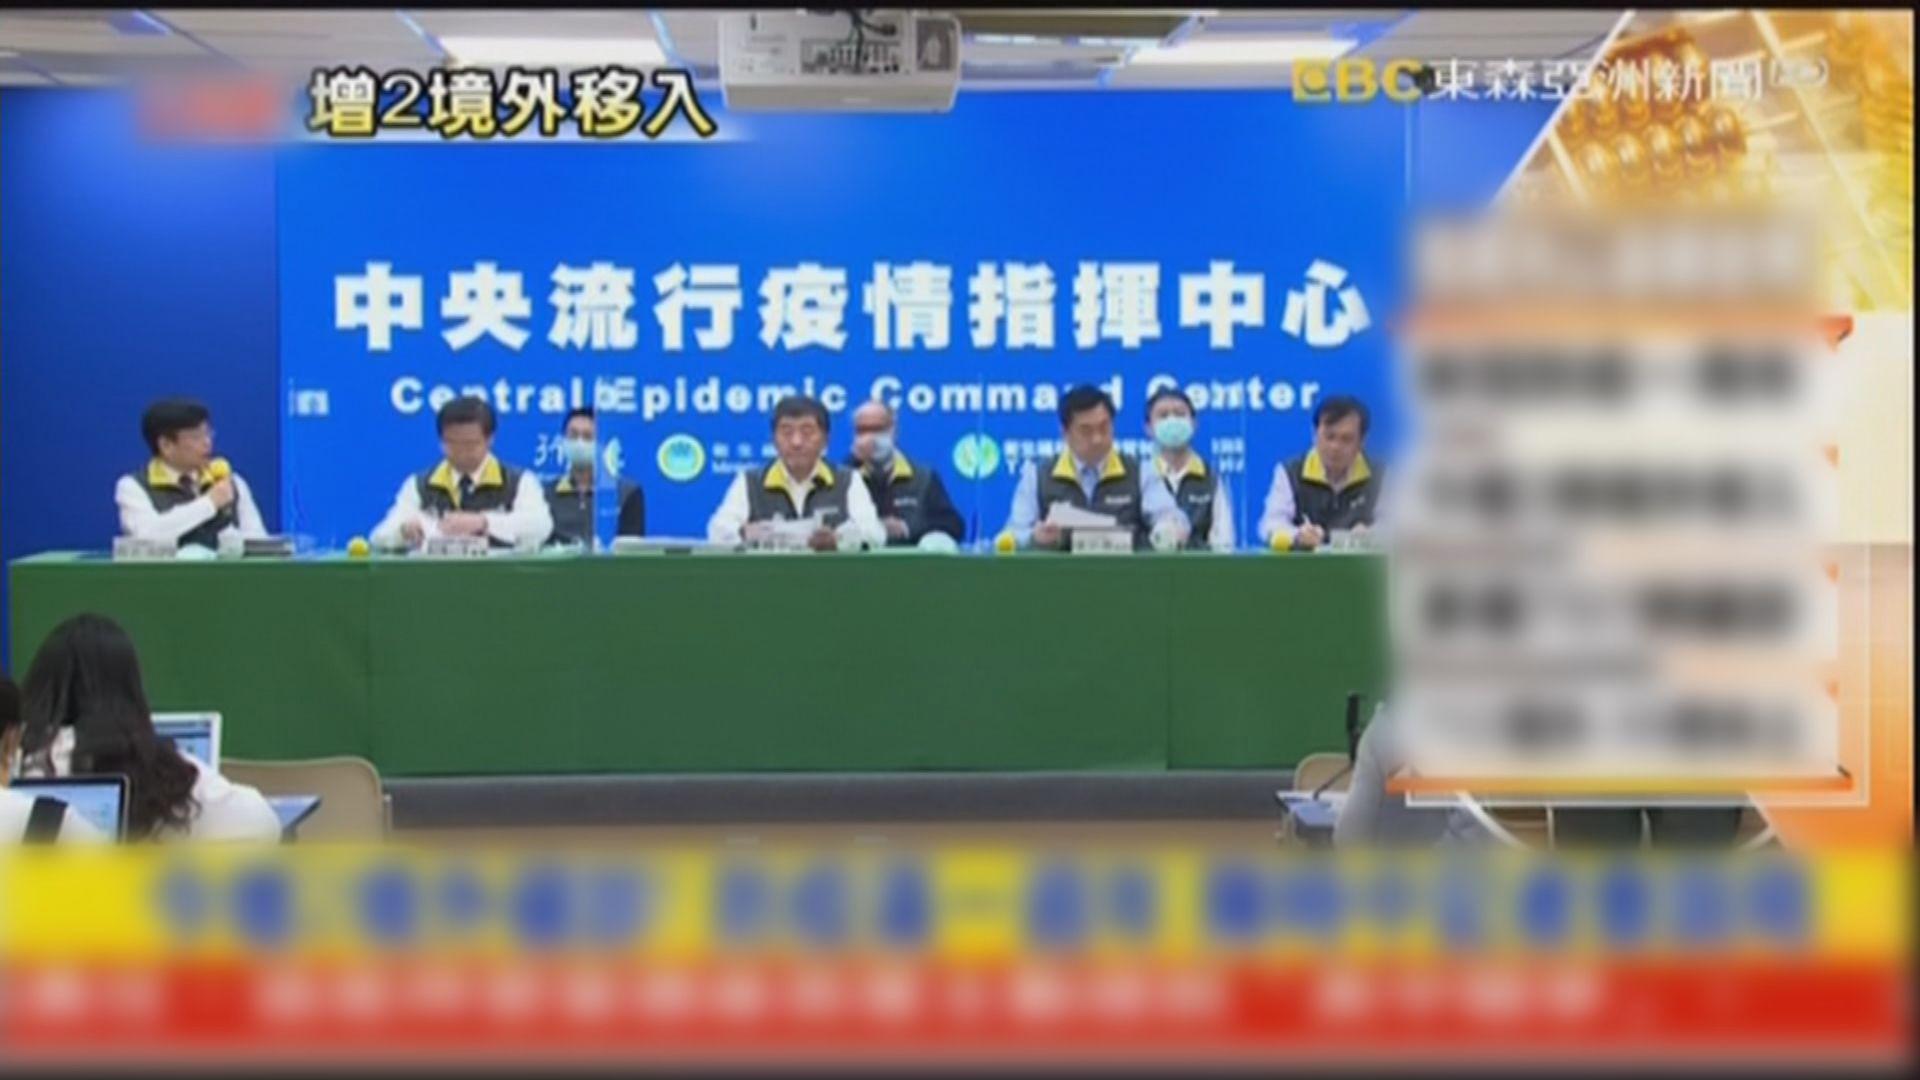 台灣現變種新冠病毒首例 元旦起禁外籍人士入境